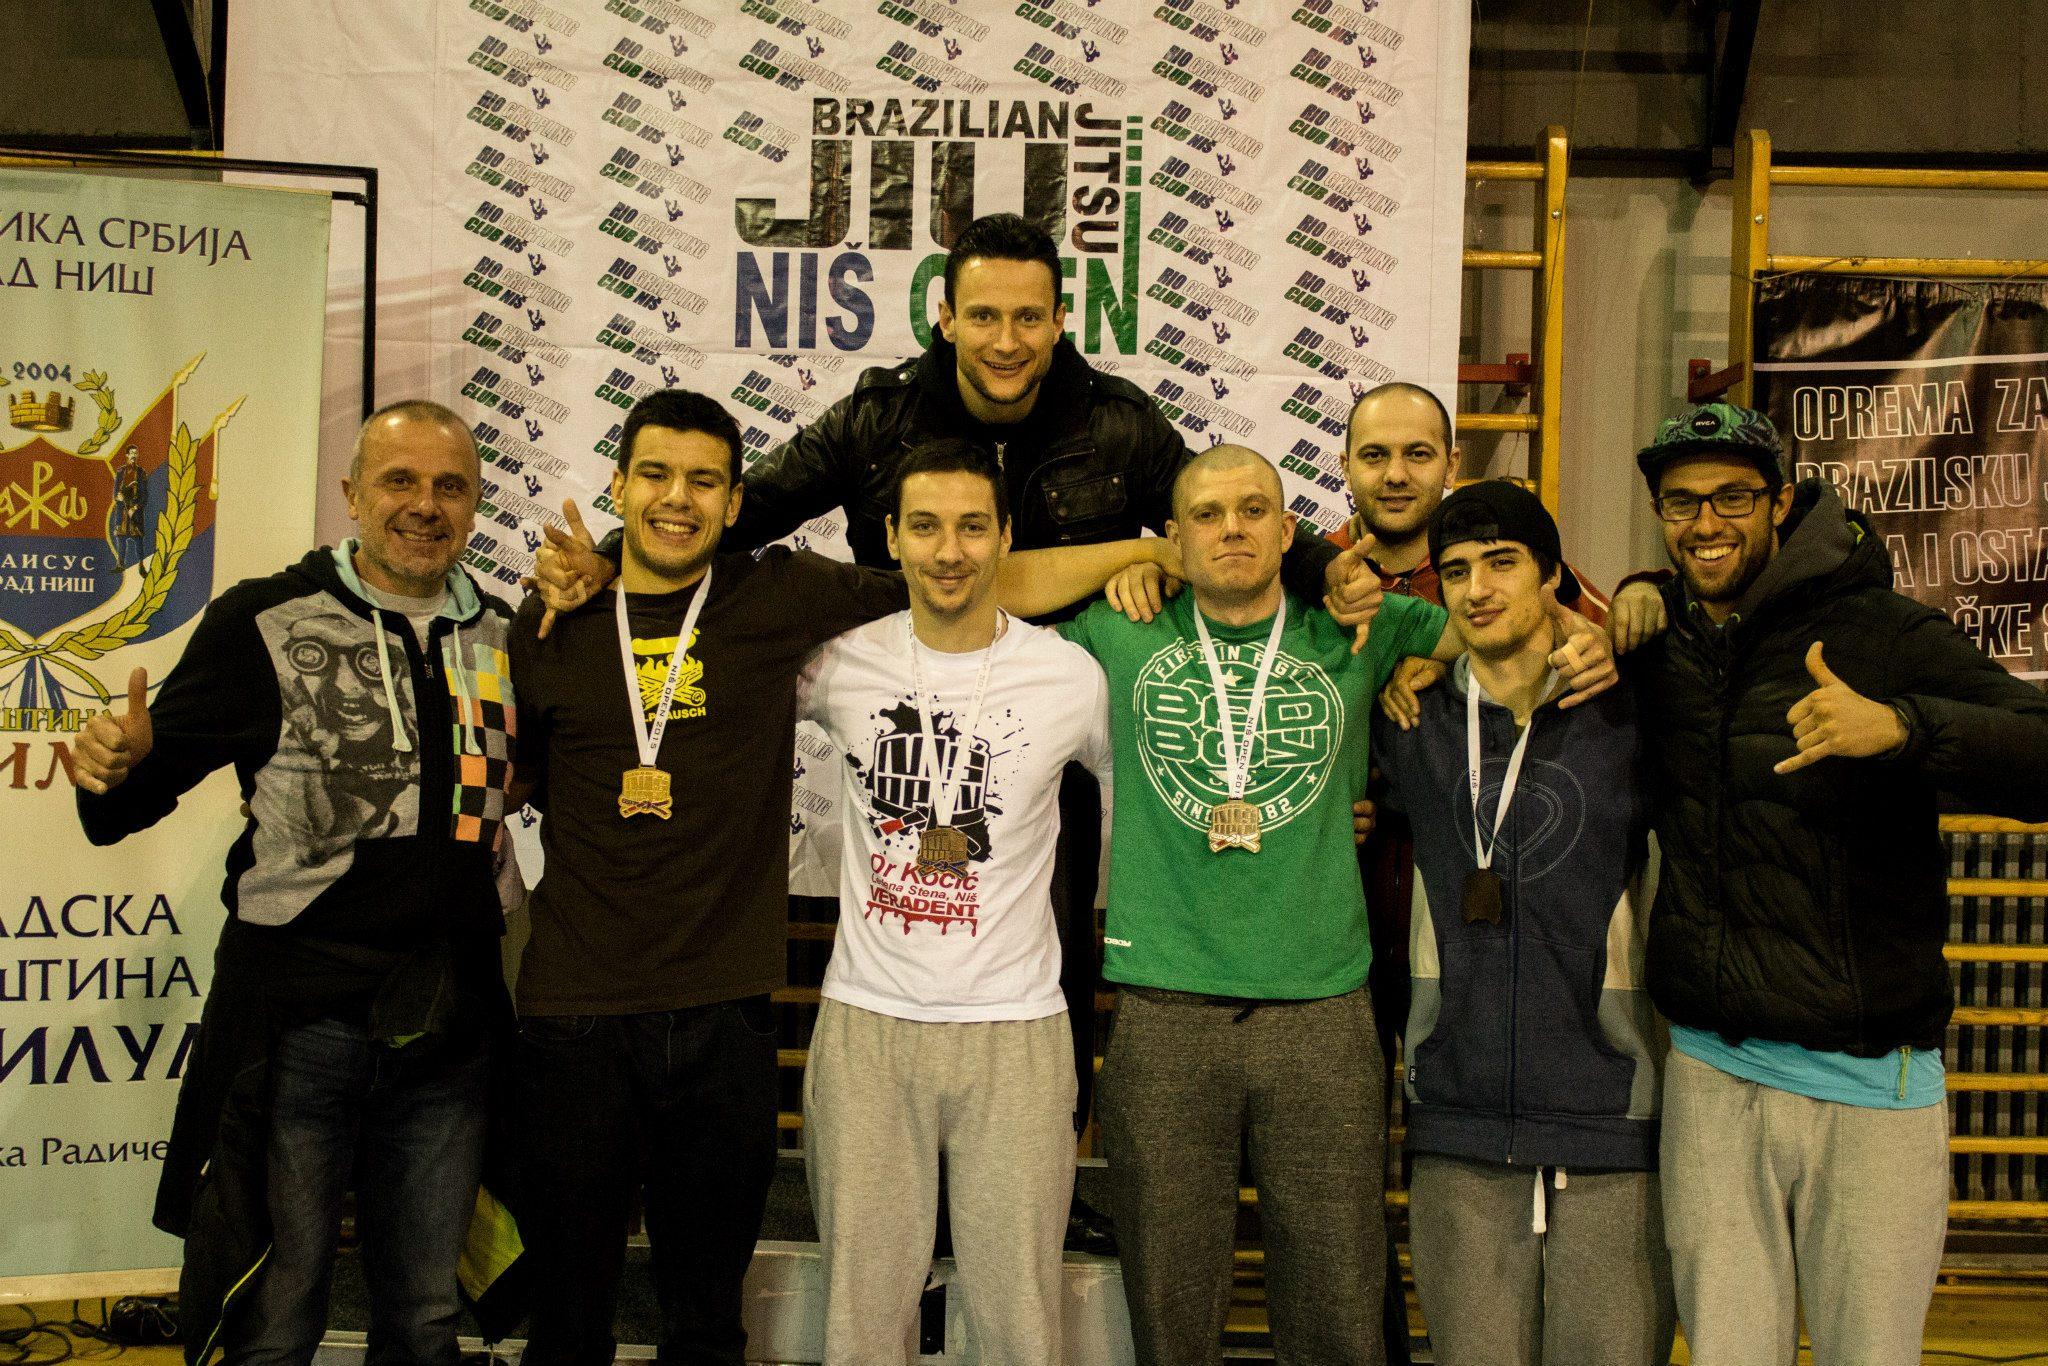 Nis Open 2015